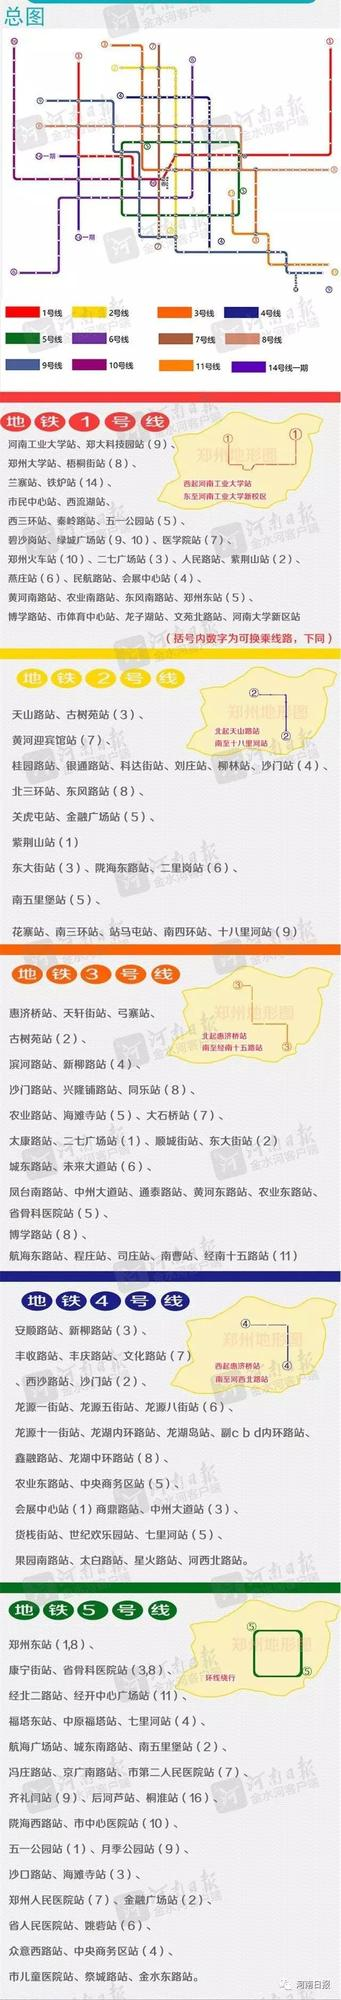 未来郑州12条地铁线路图出炉(附站点)